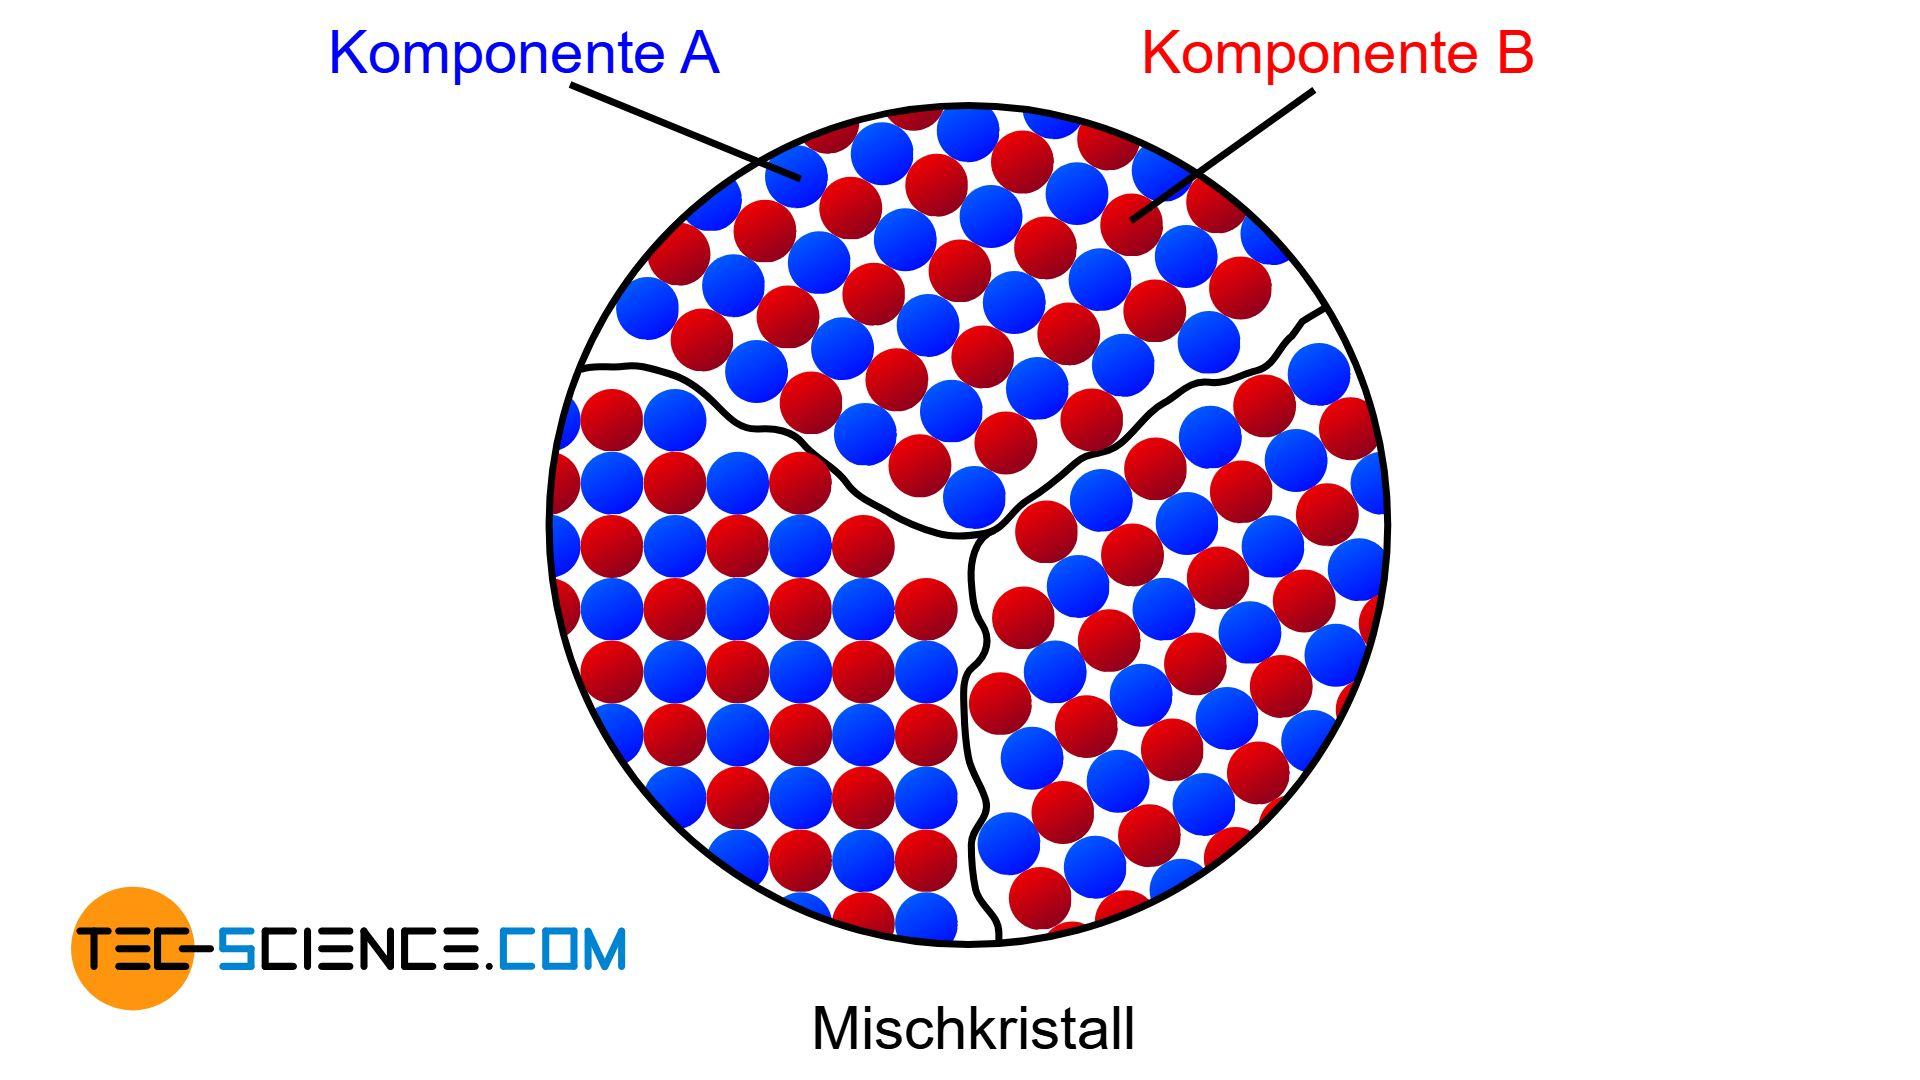 Schematisches Gefüge einer vollständigen Löslichkeit der beiden Komponenten im festen Zustand